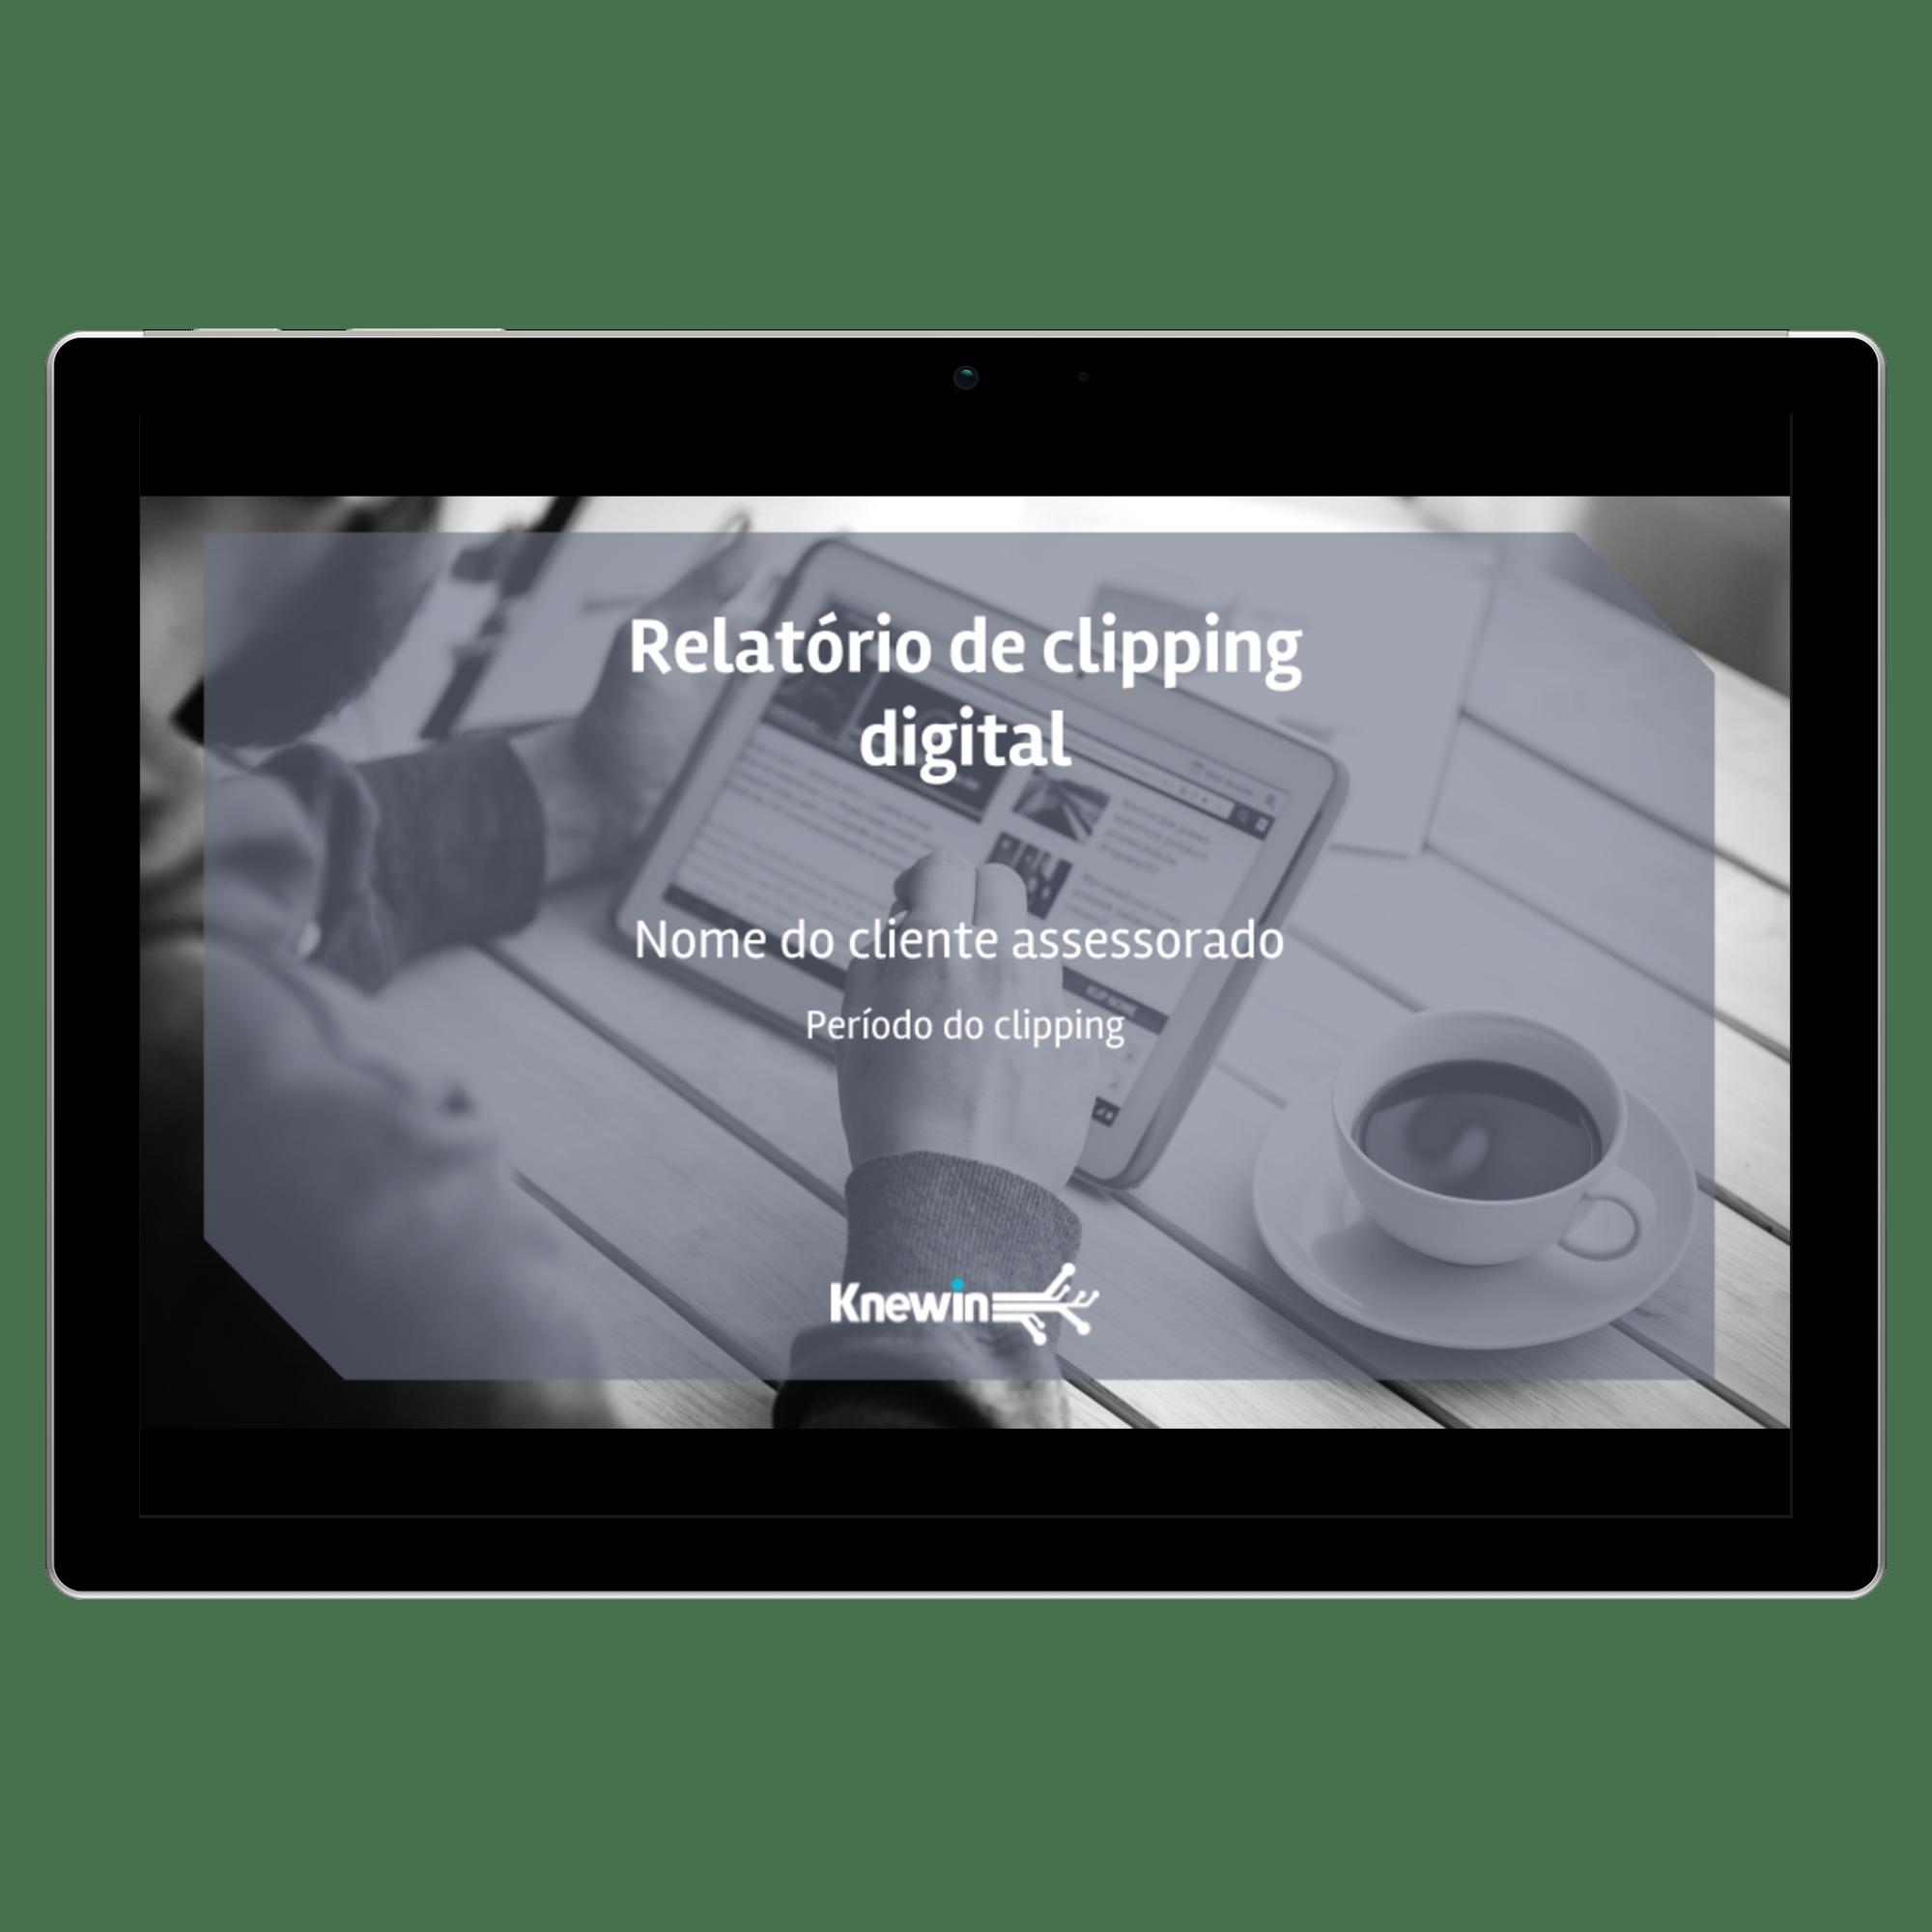 Modelo de relatório de clipping digital